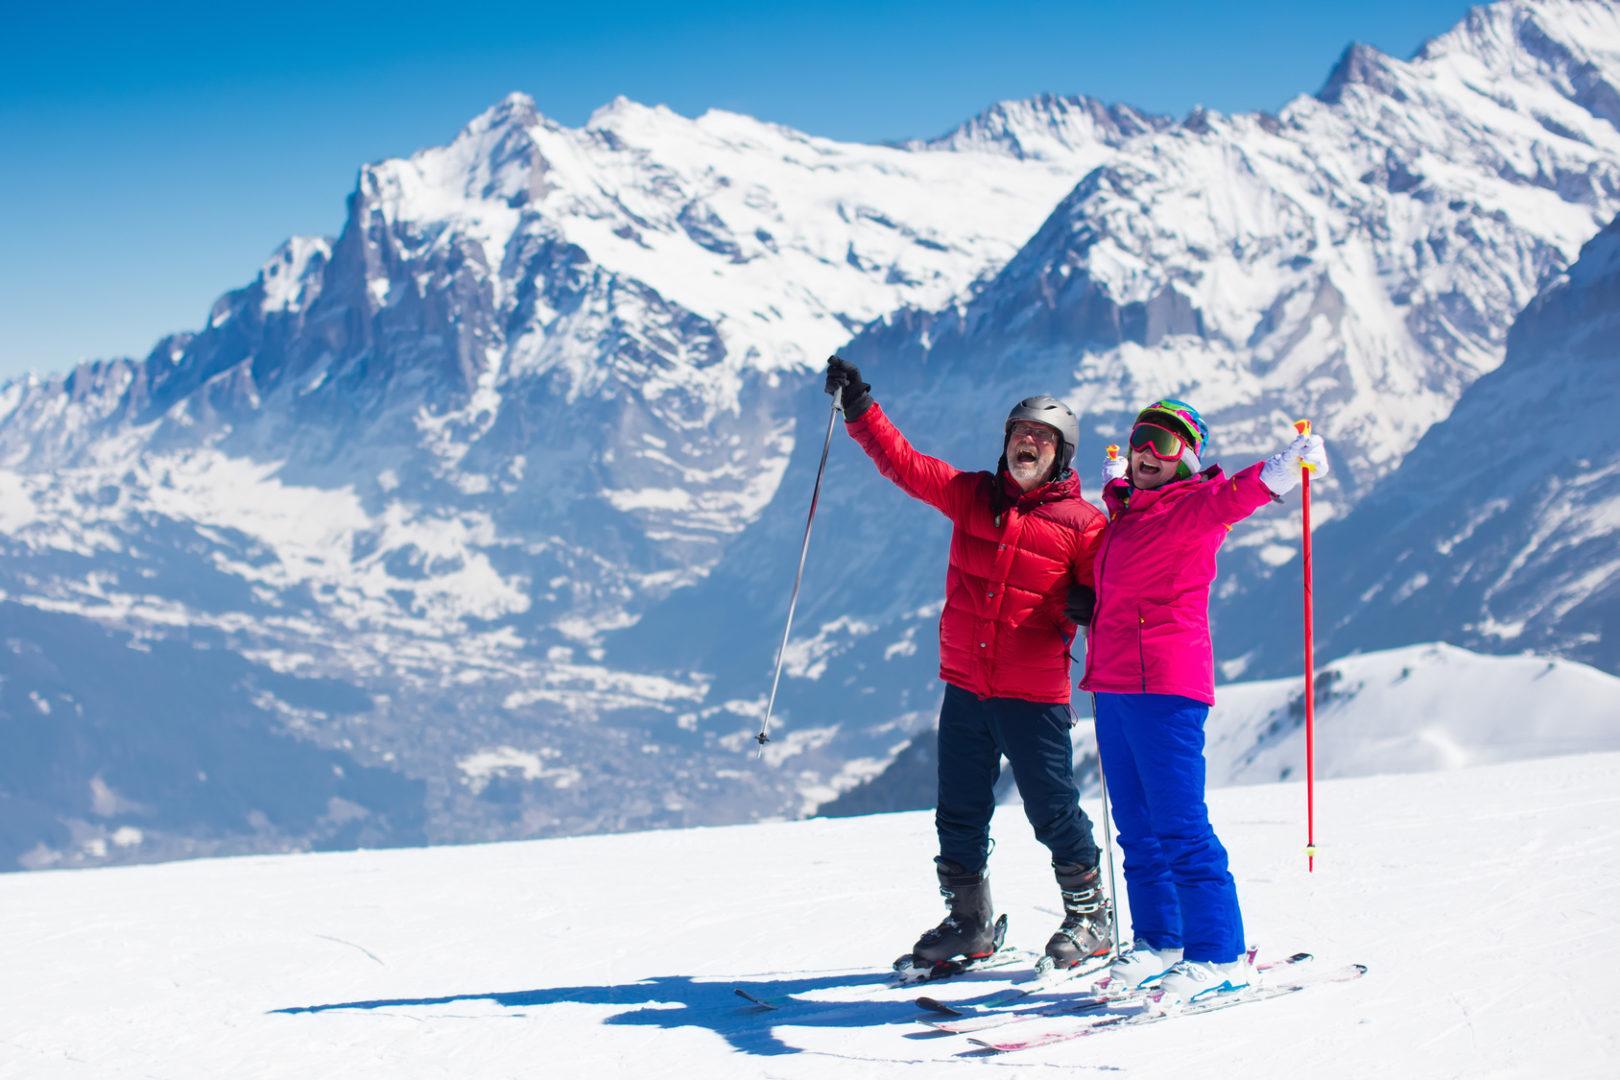 wintersport im alter